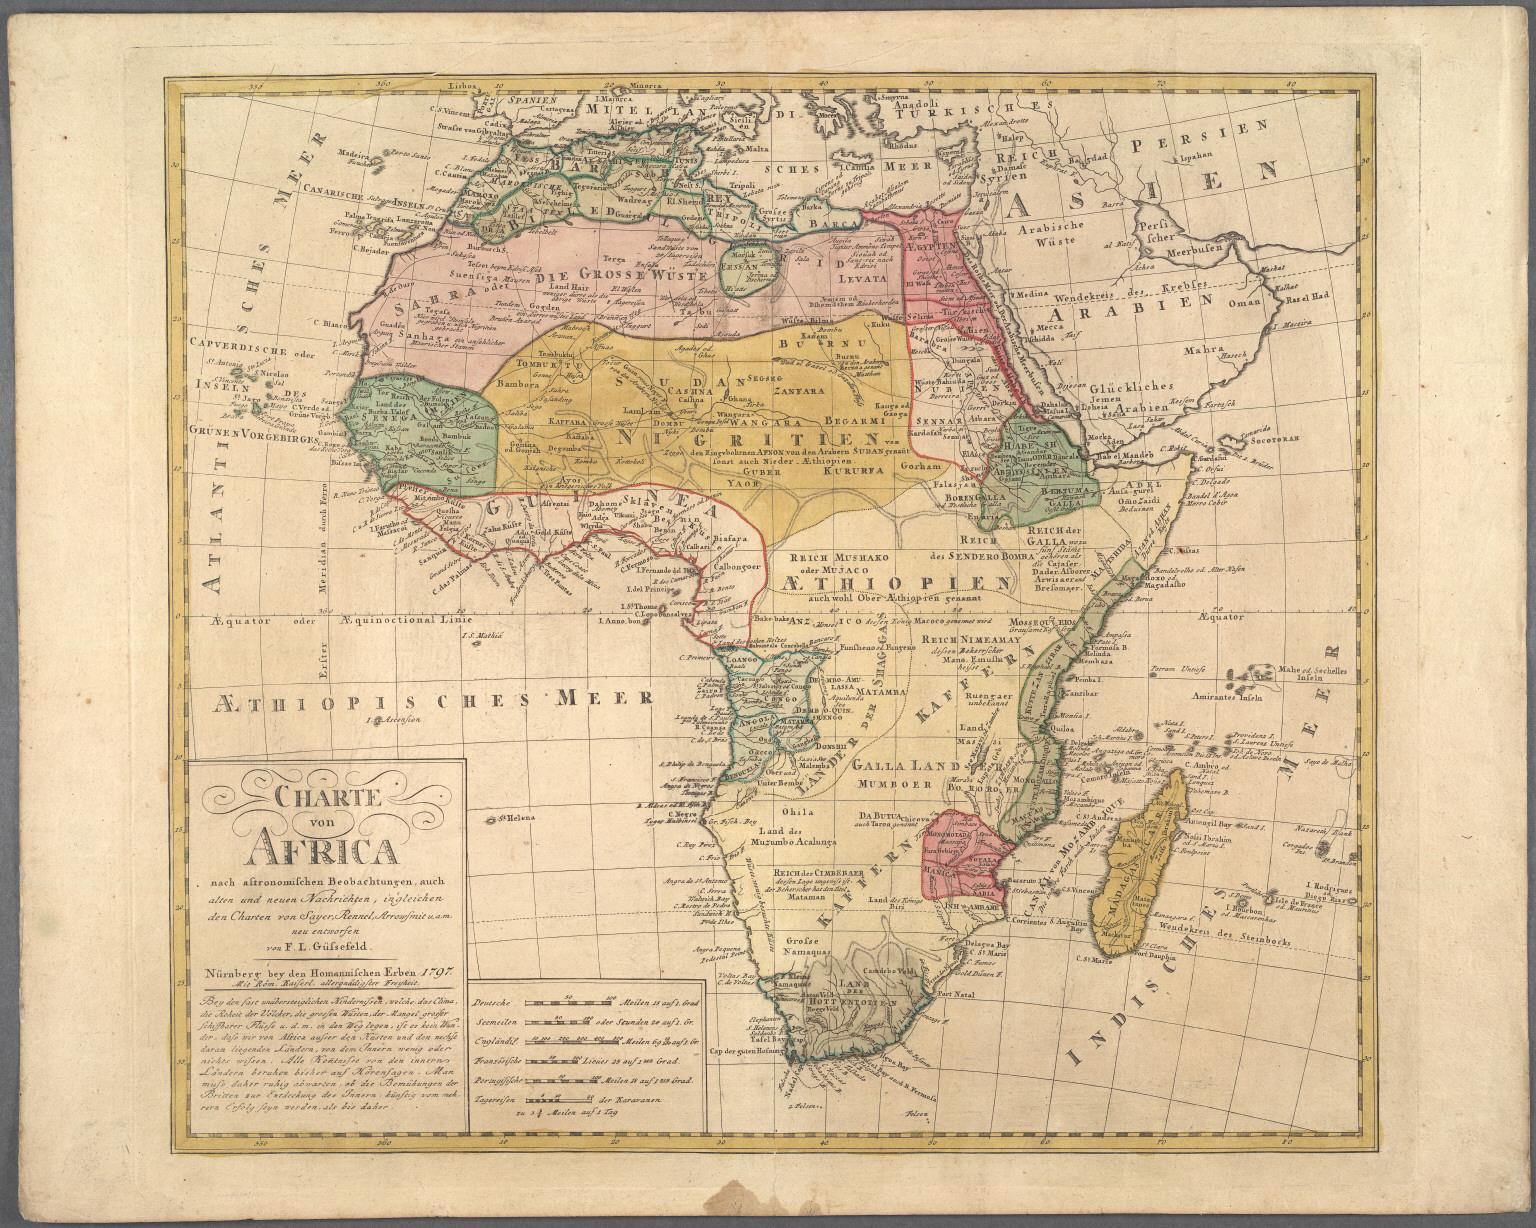 Charte von Africa nach astronomischen Beobachtungen, auch alten und neuen Nachrichten, ingleichen den Charten von Sayer, Rennel, Arrowsmit ...